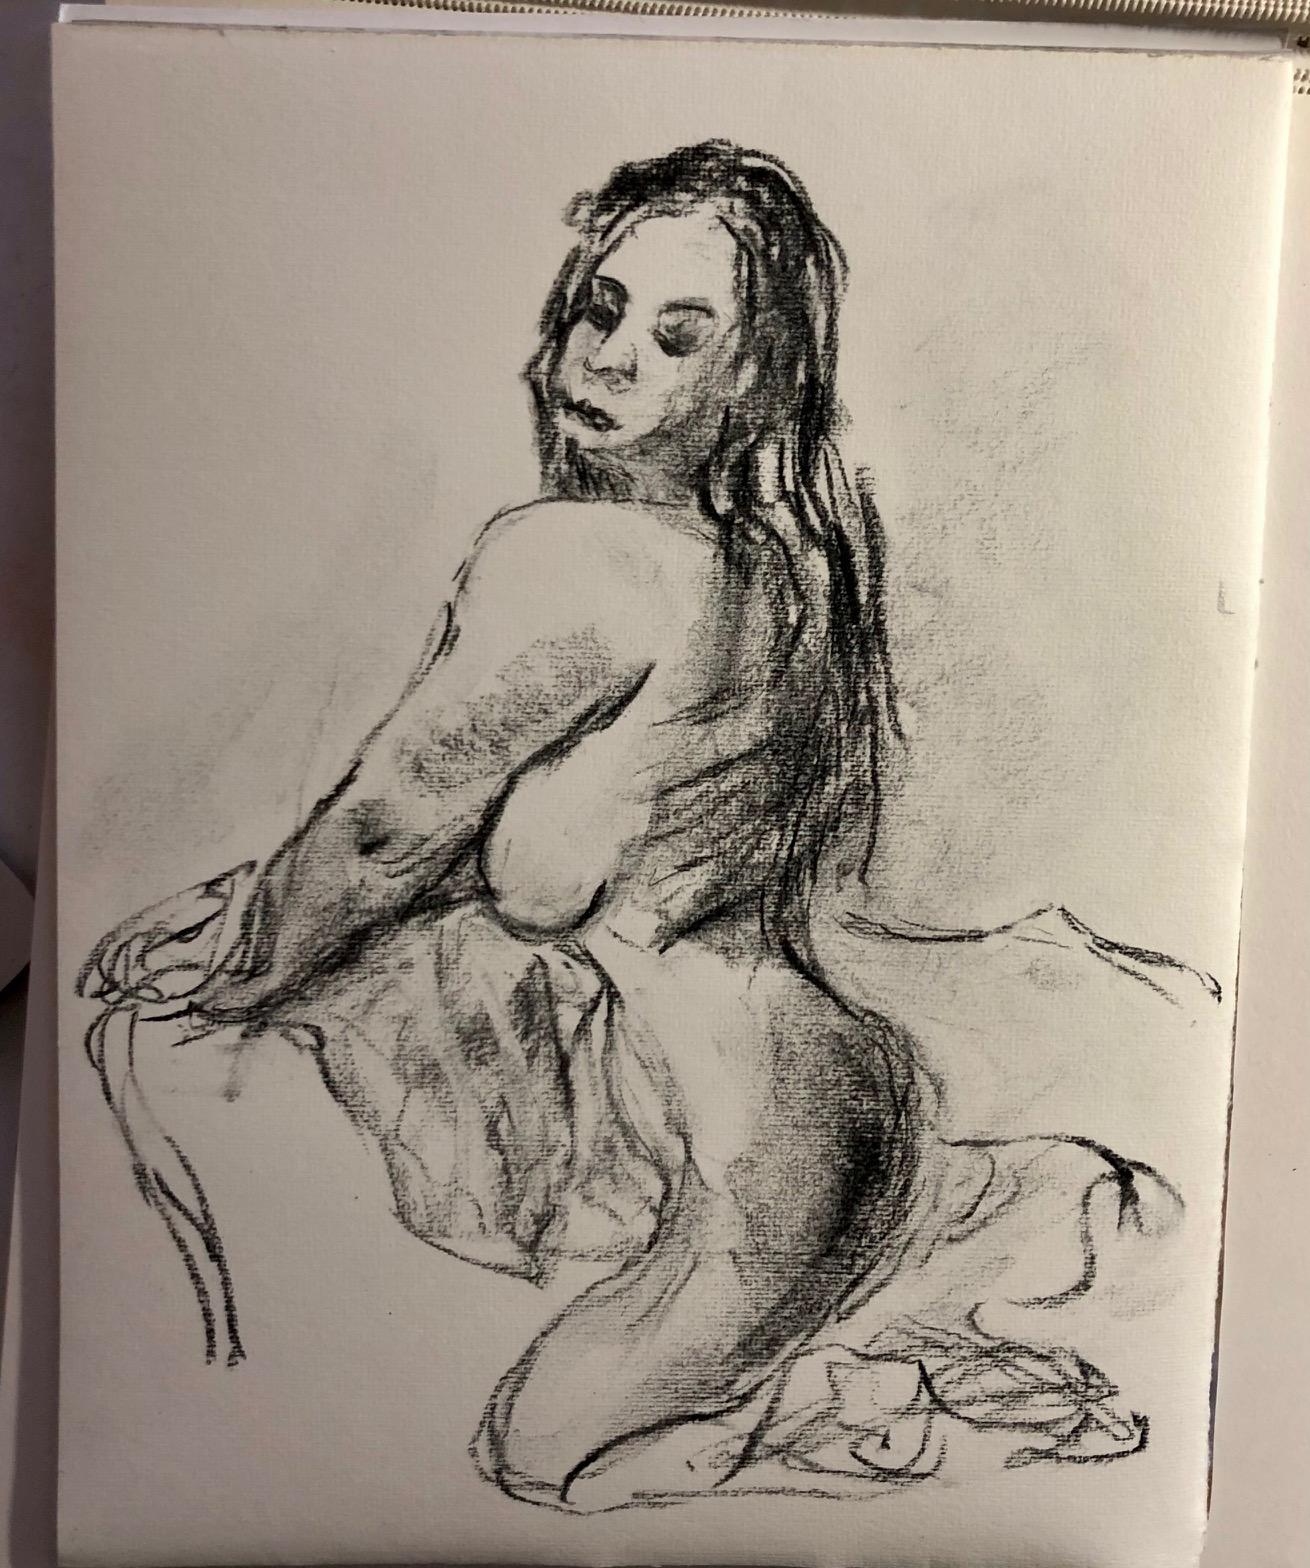 Trois quarts dos femme assise fusain sur papier  cours de dessin